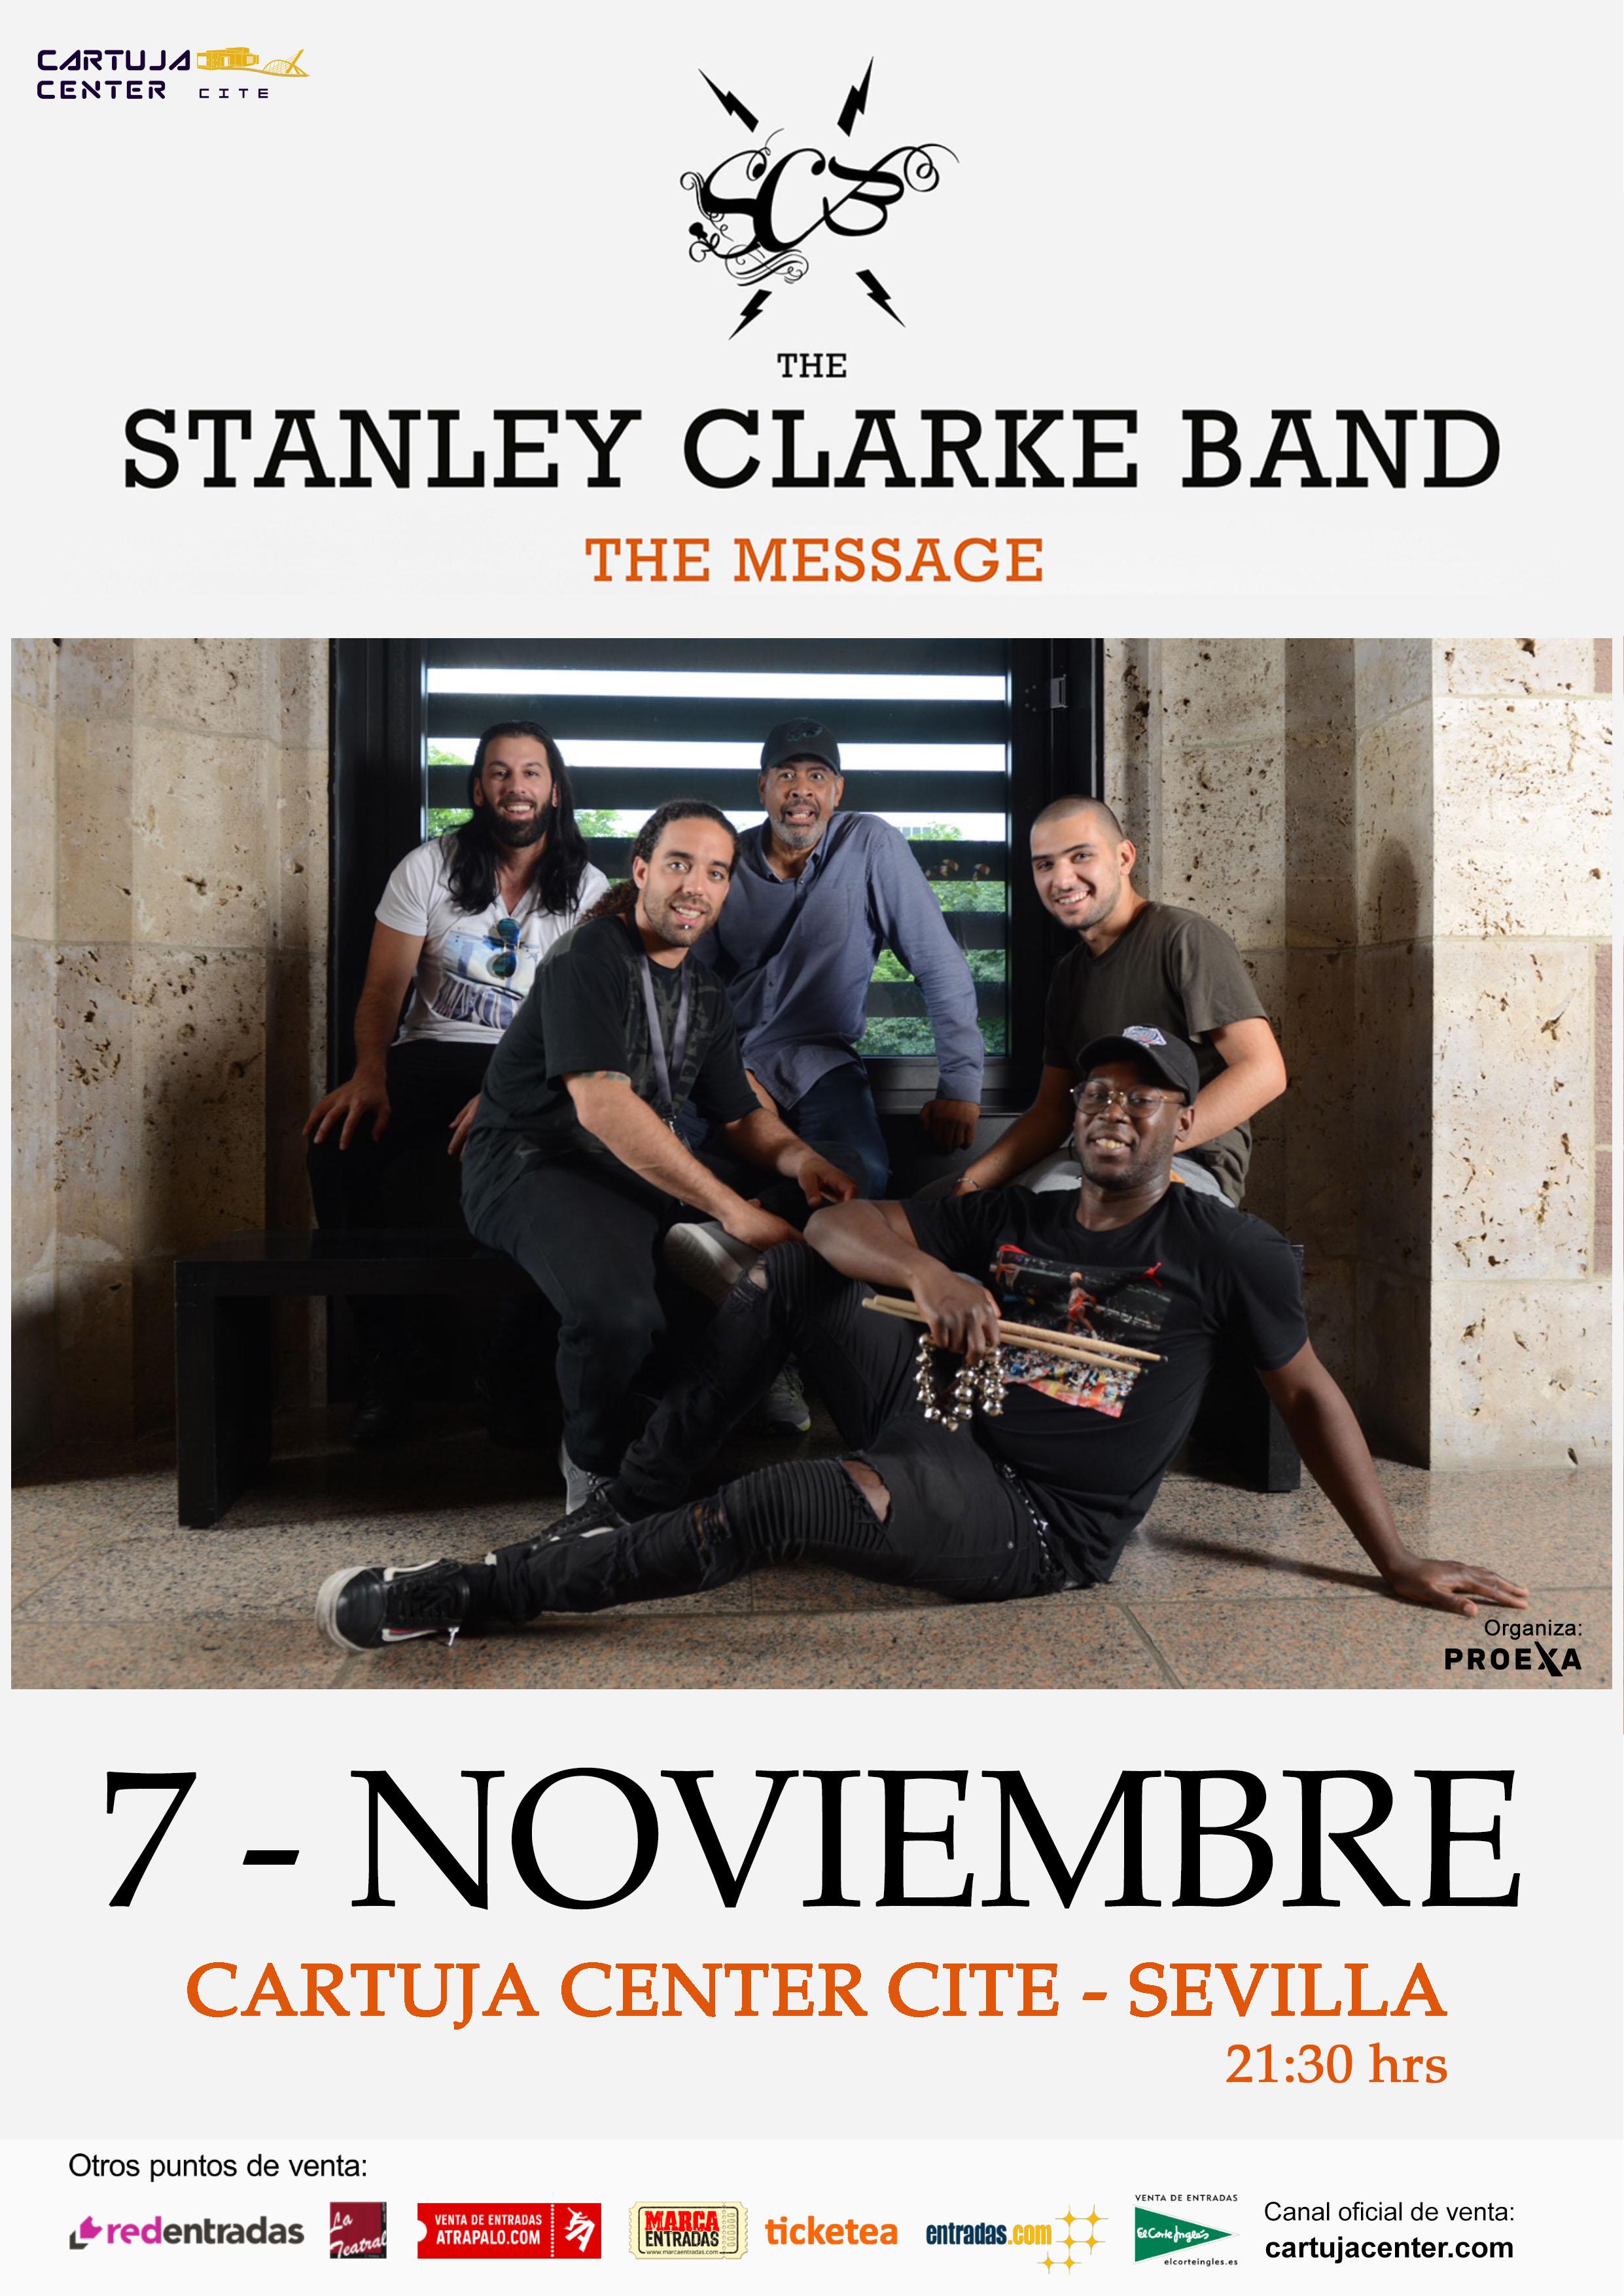 Stanley Clarke & Band llega a Sevilla con su nuevo álbum The Message